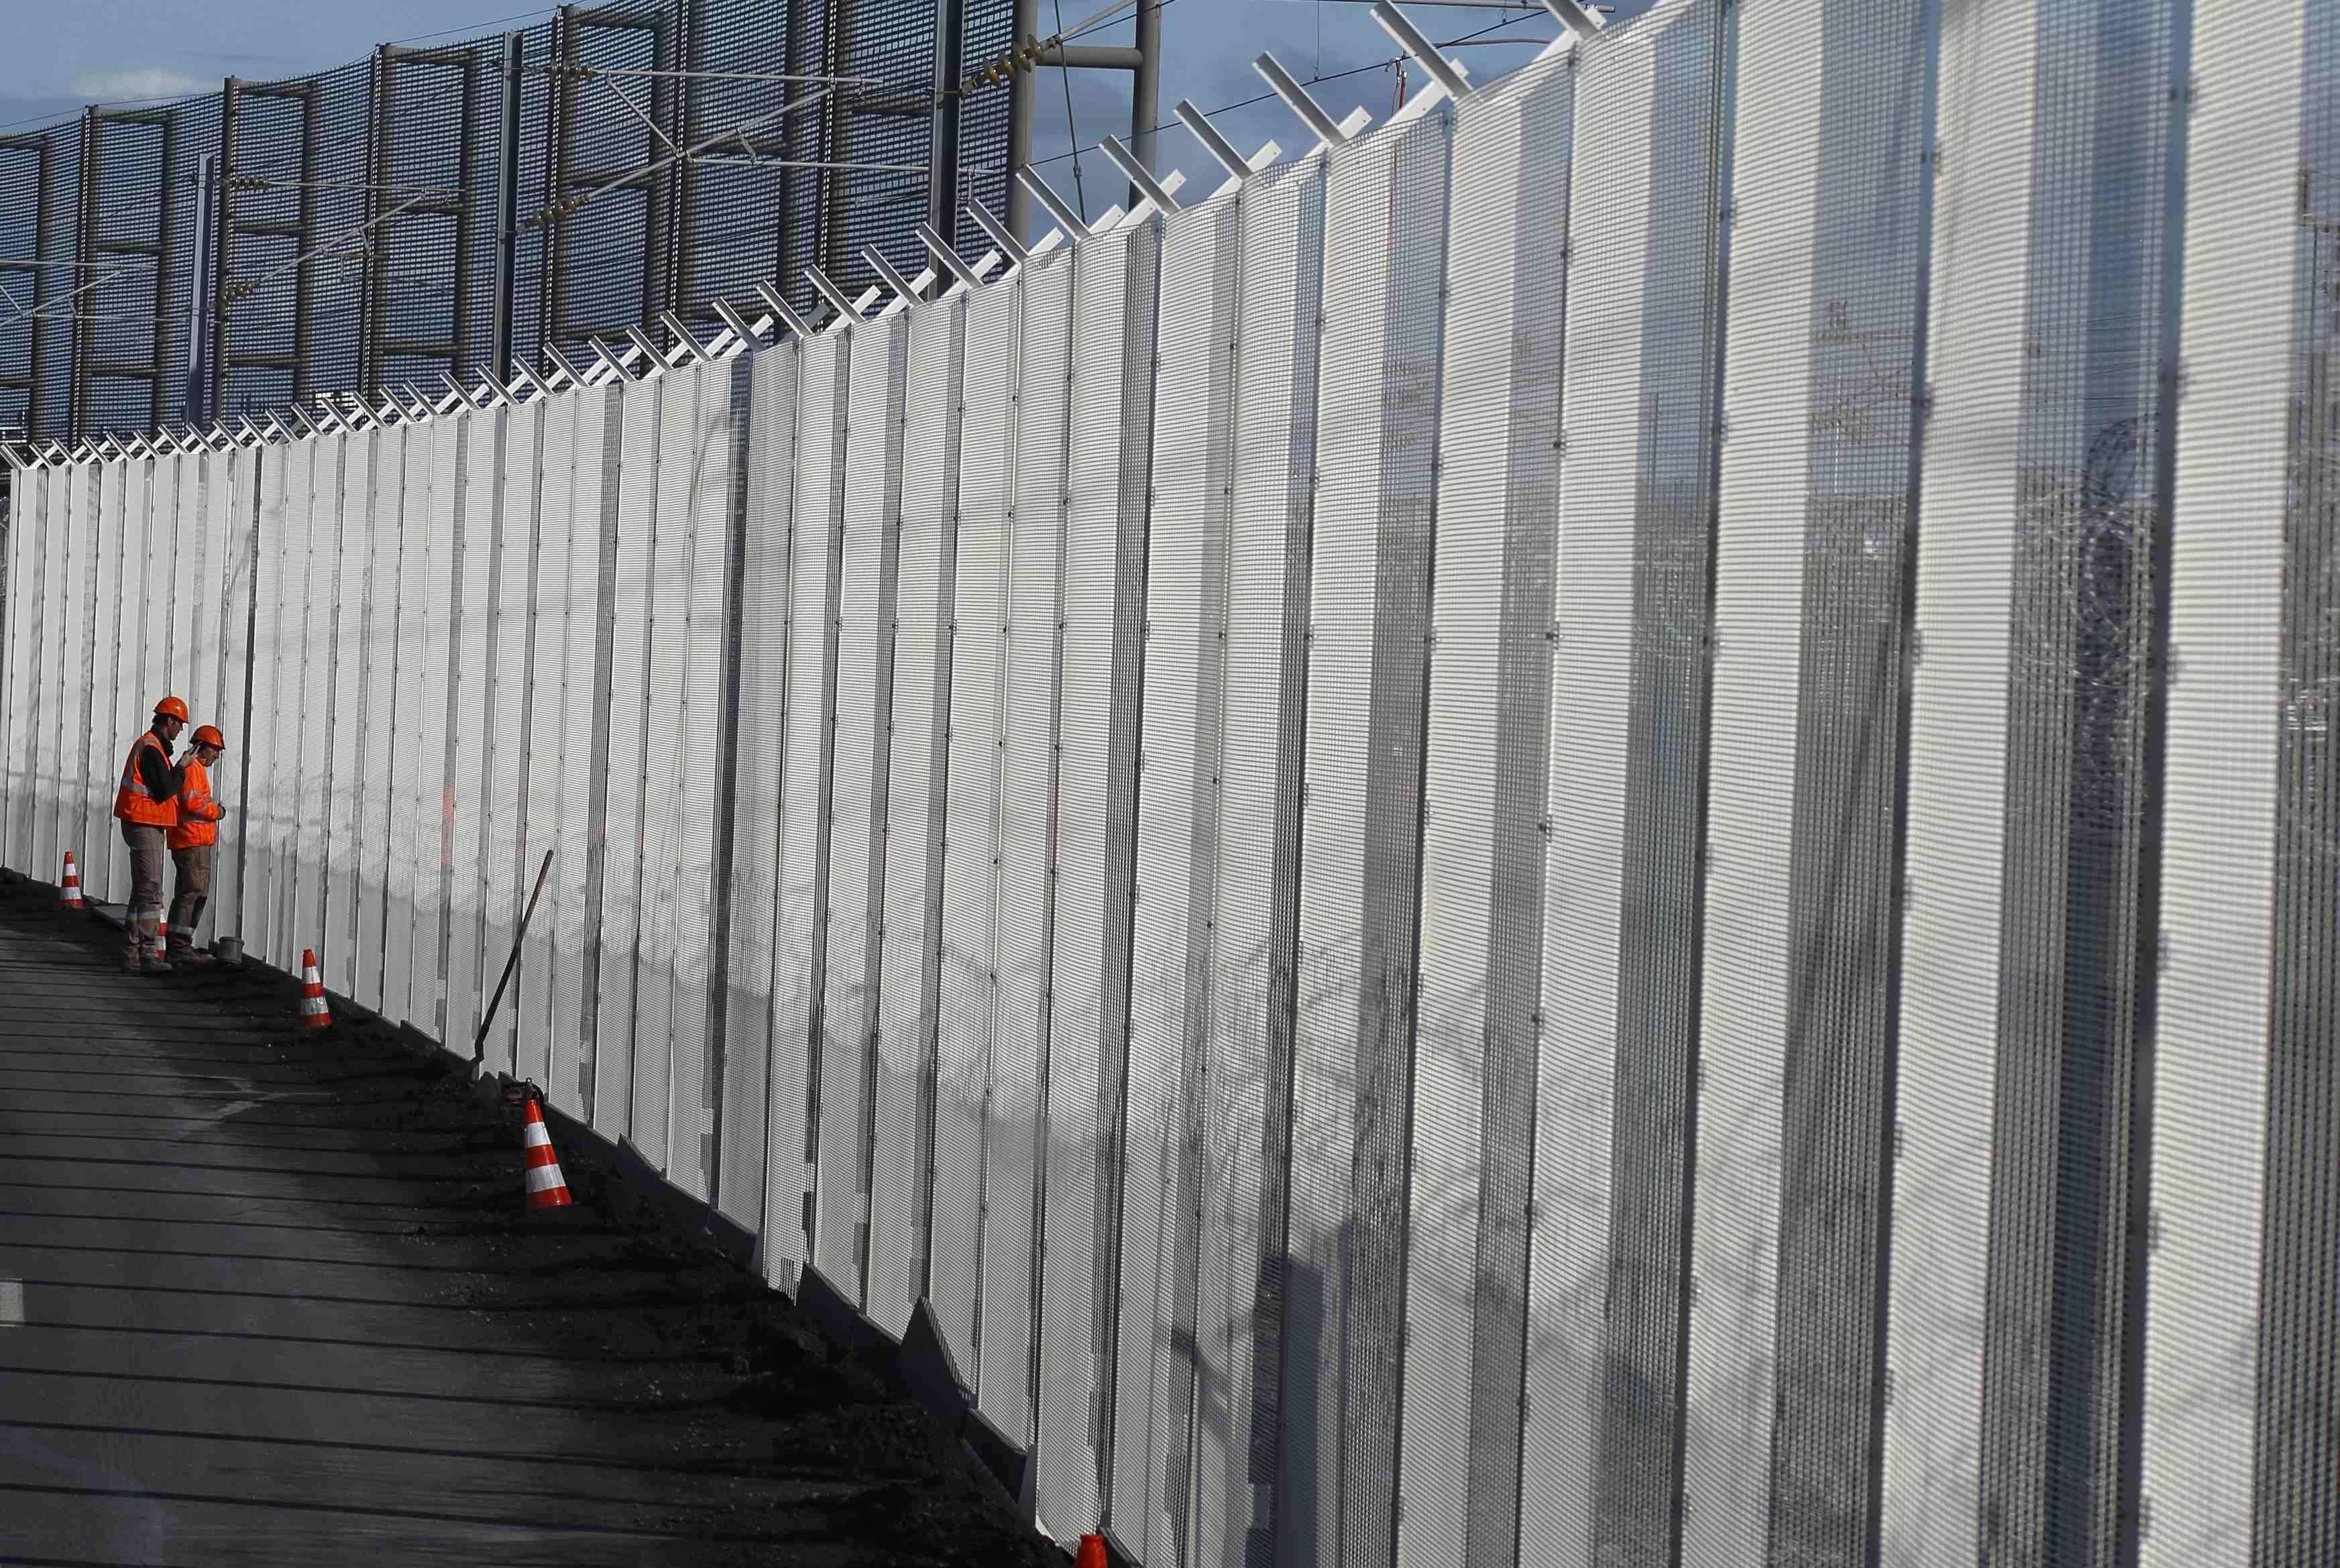 Para pekerja membangun pagar baru untuk menghentikan migran mengakses terminal Eurotunnel di Coquelles, dekat Calais, Prancis bagian utara, Selasa (20/10). Pengetatan keamanan di pelabuhan laut di Calais telah mendorong peningkatan upaya untuk mencapai Terowongan Channel, yang mengakibatkan kematian beberapa migran. ANTARA FOTO/REUTERS/Pascal Rossignol.